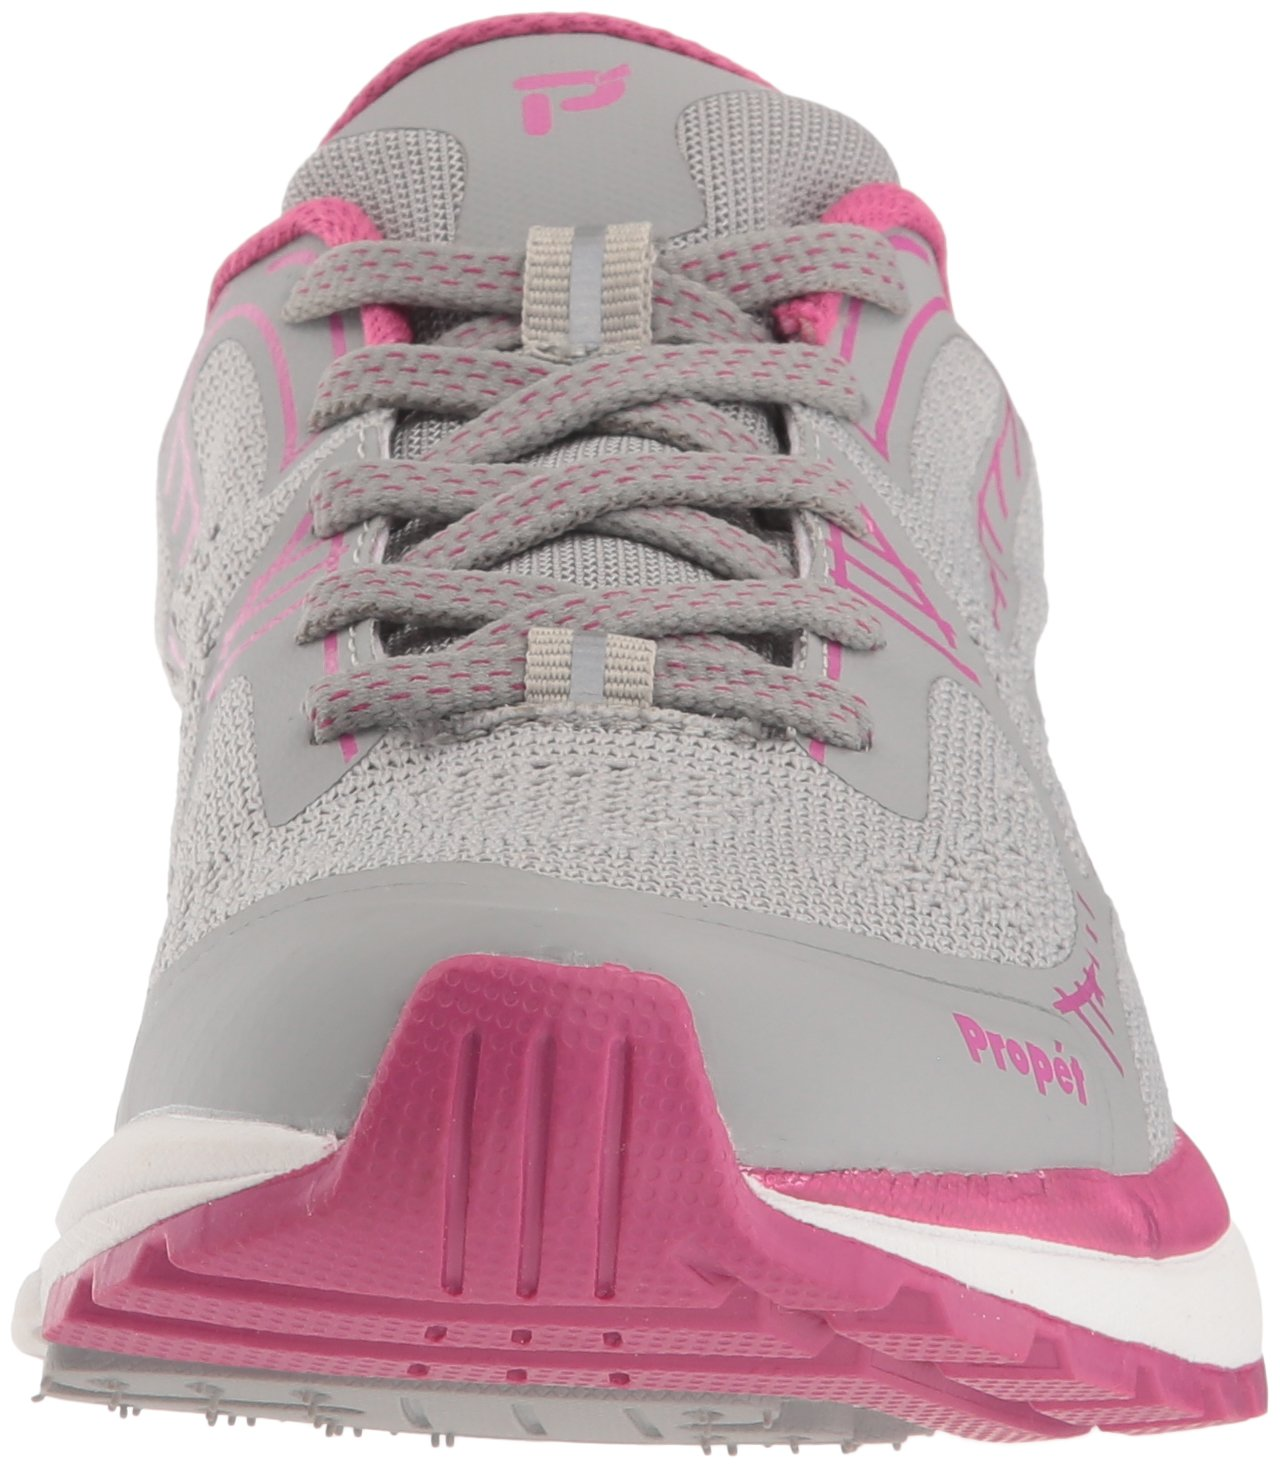 Propét Women's Propet 6 One Lt Sneaker B073DPWC1K 6 Propet 2E US|Grey/Berry bd977c